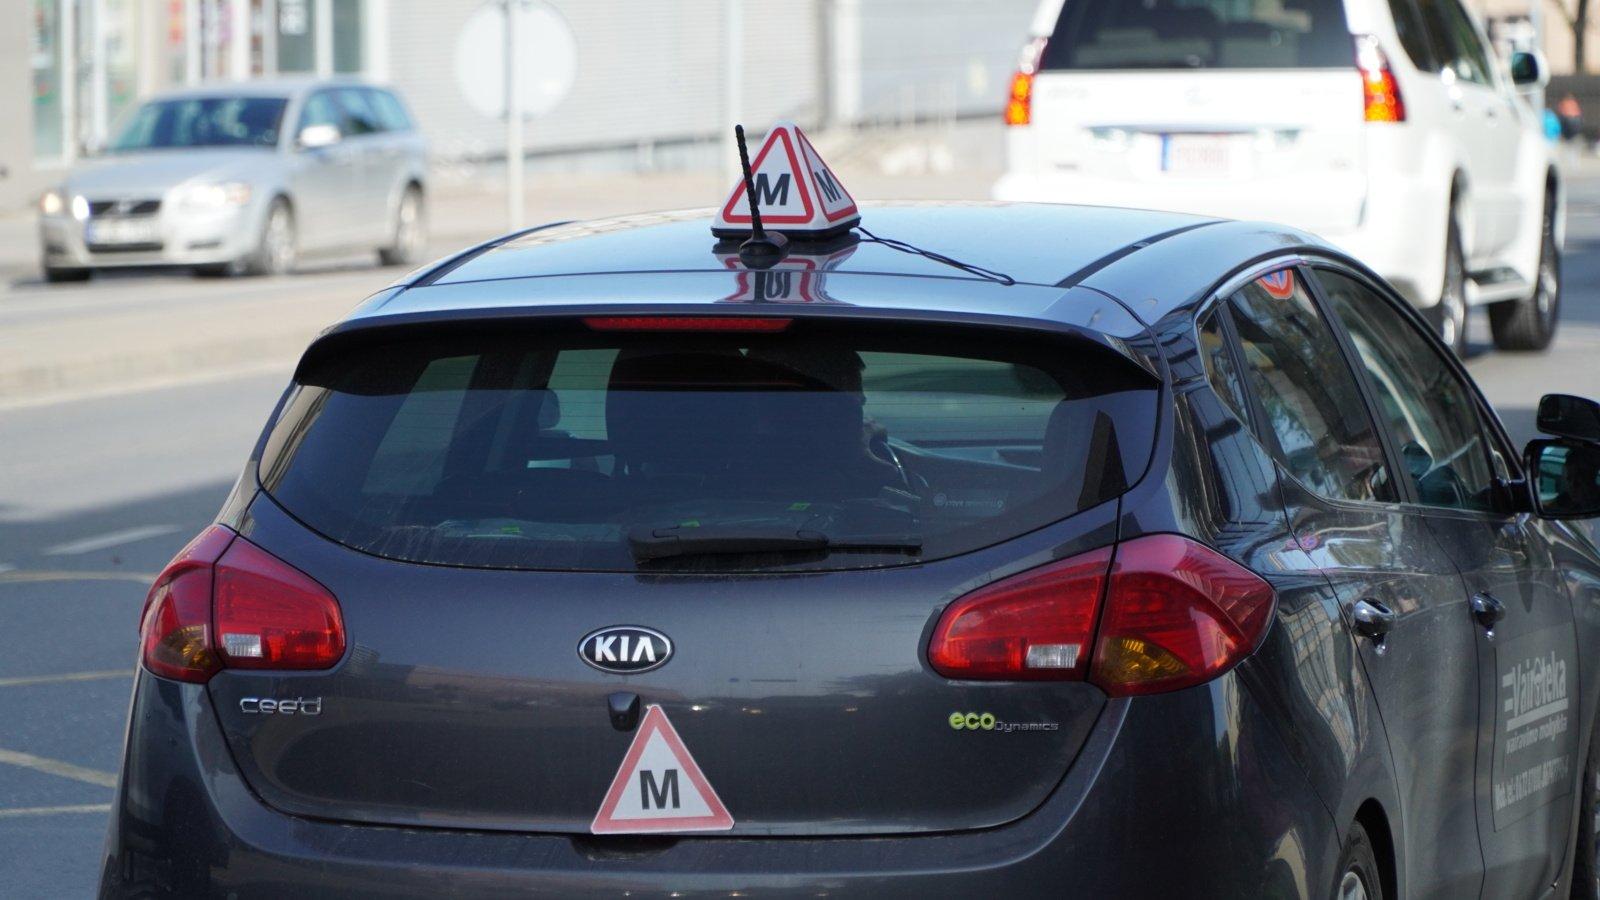 Dėl prievolės testuoti vairavimo mokymo ir egzaminų rengėjus prireiks įstatymo keitimo